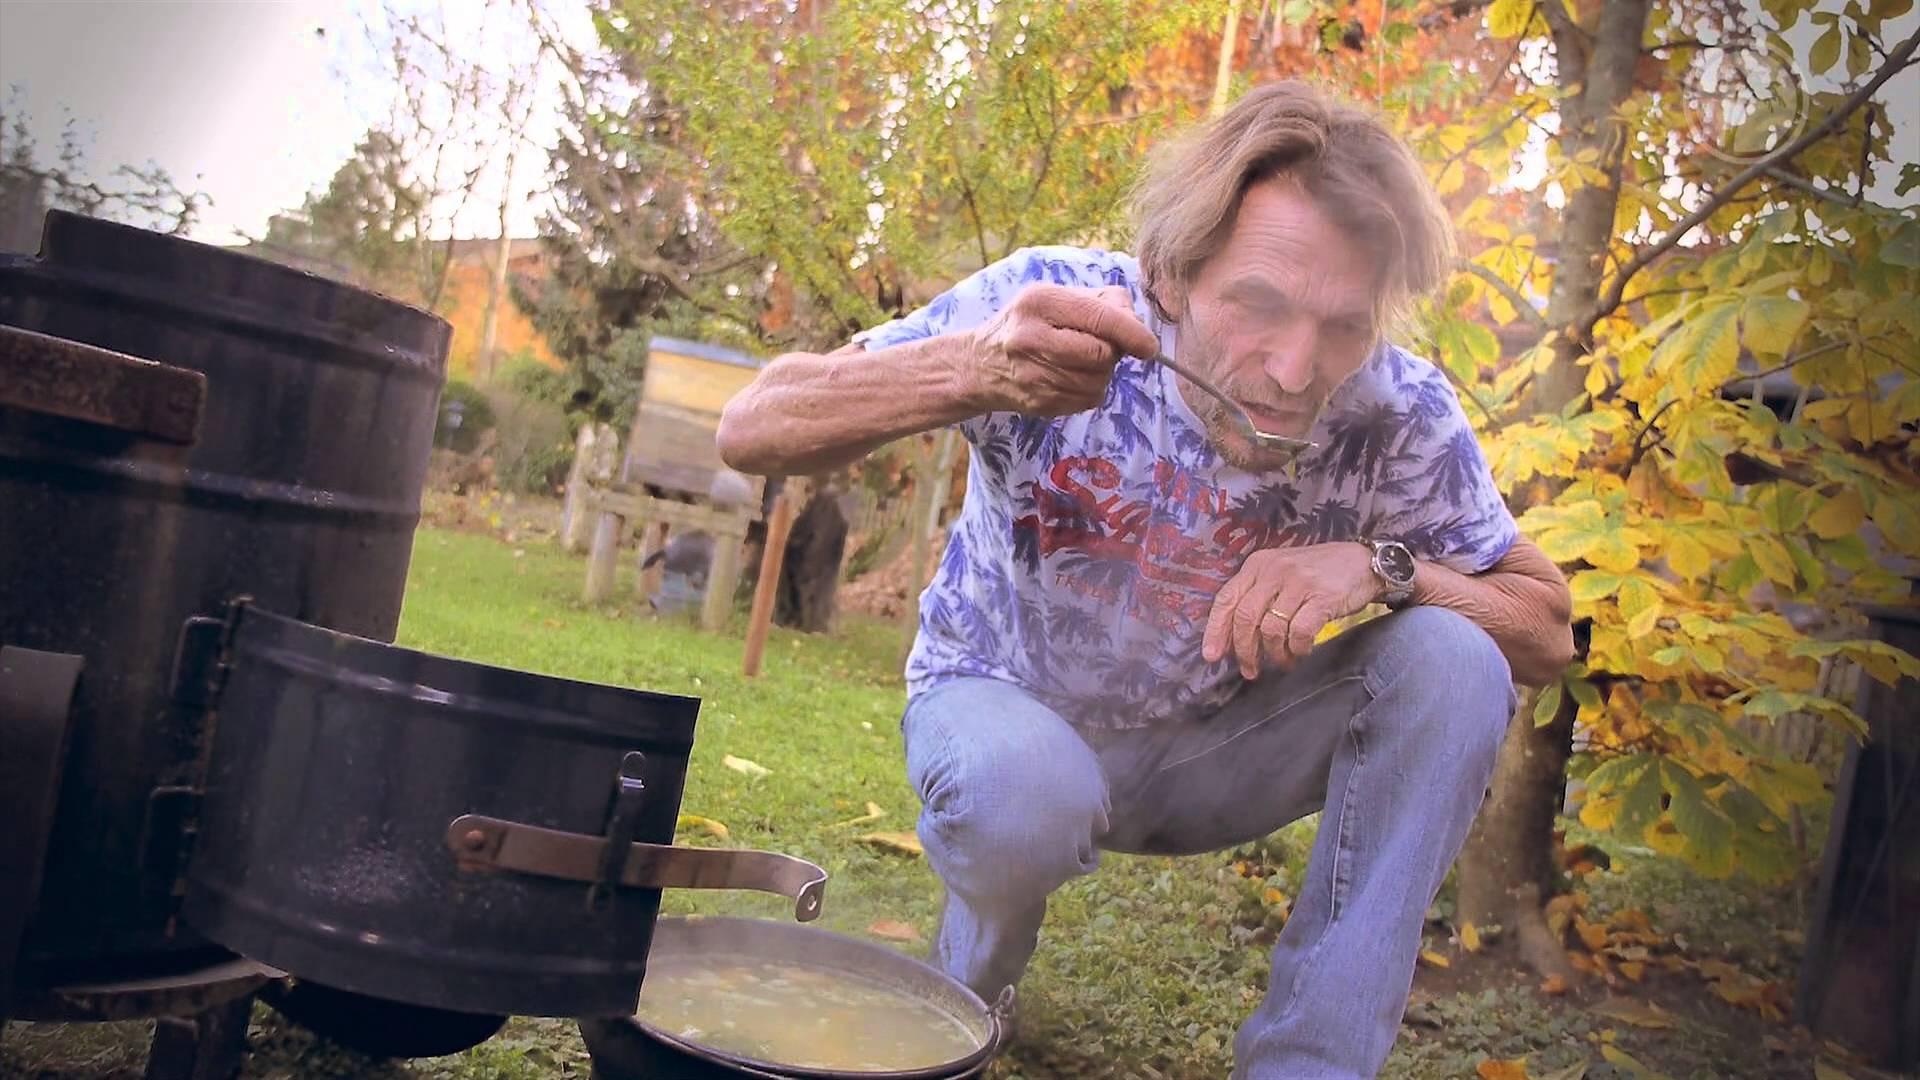 Da Sandwichmaker meets Hans Söllner @Moa Fire 3 [12/19/2015]